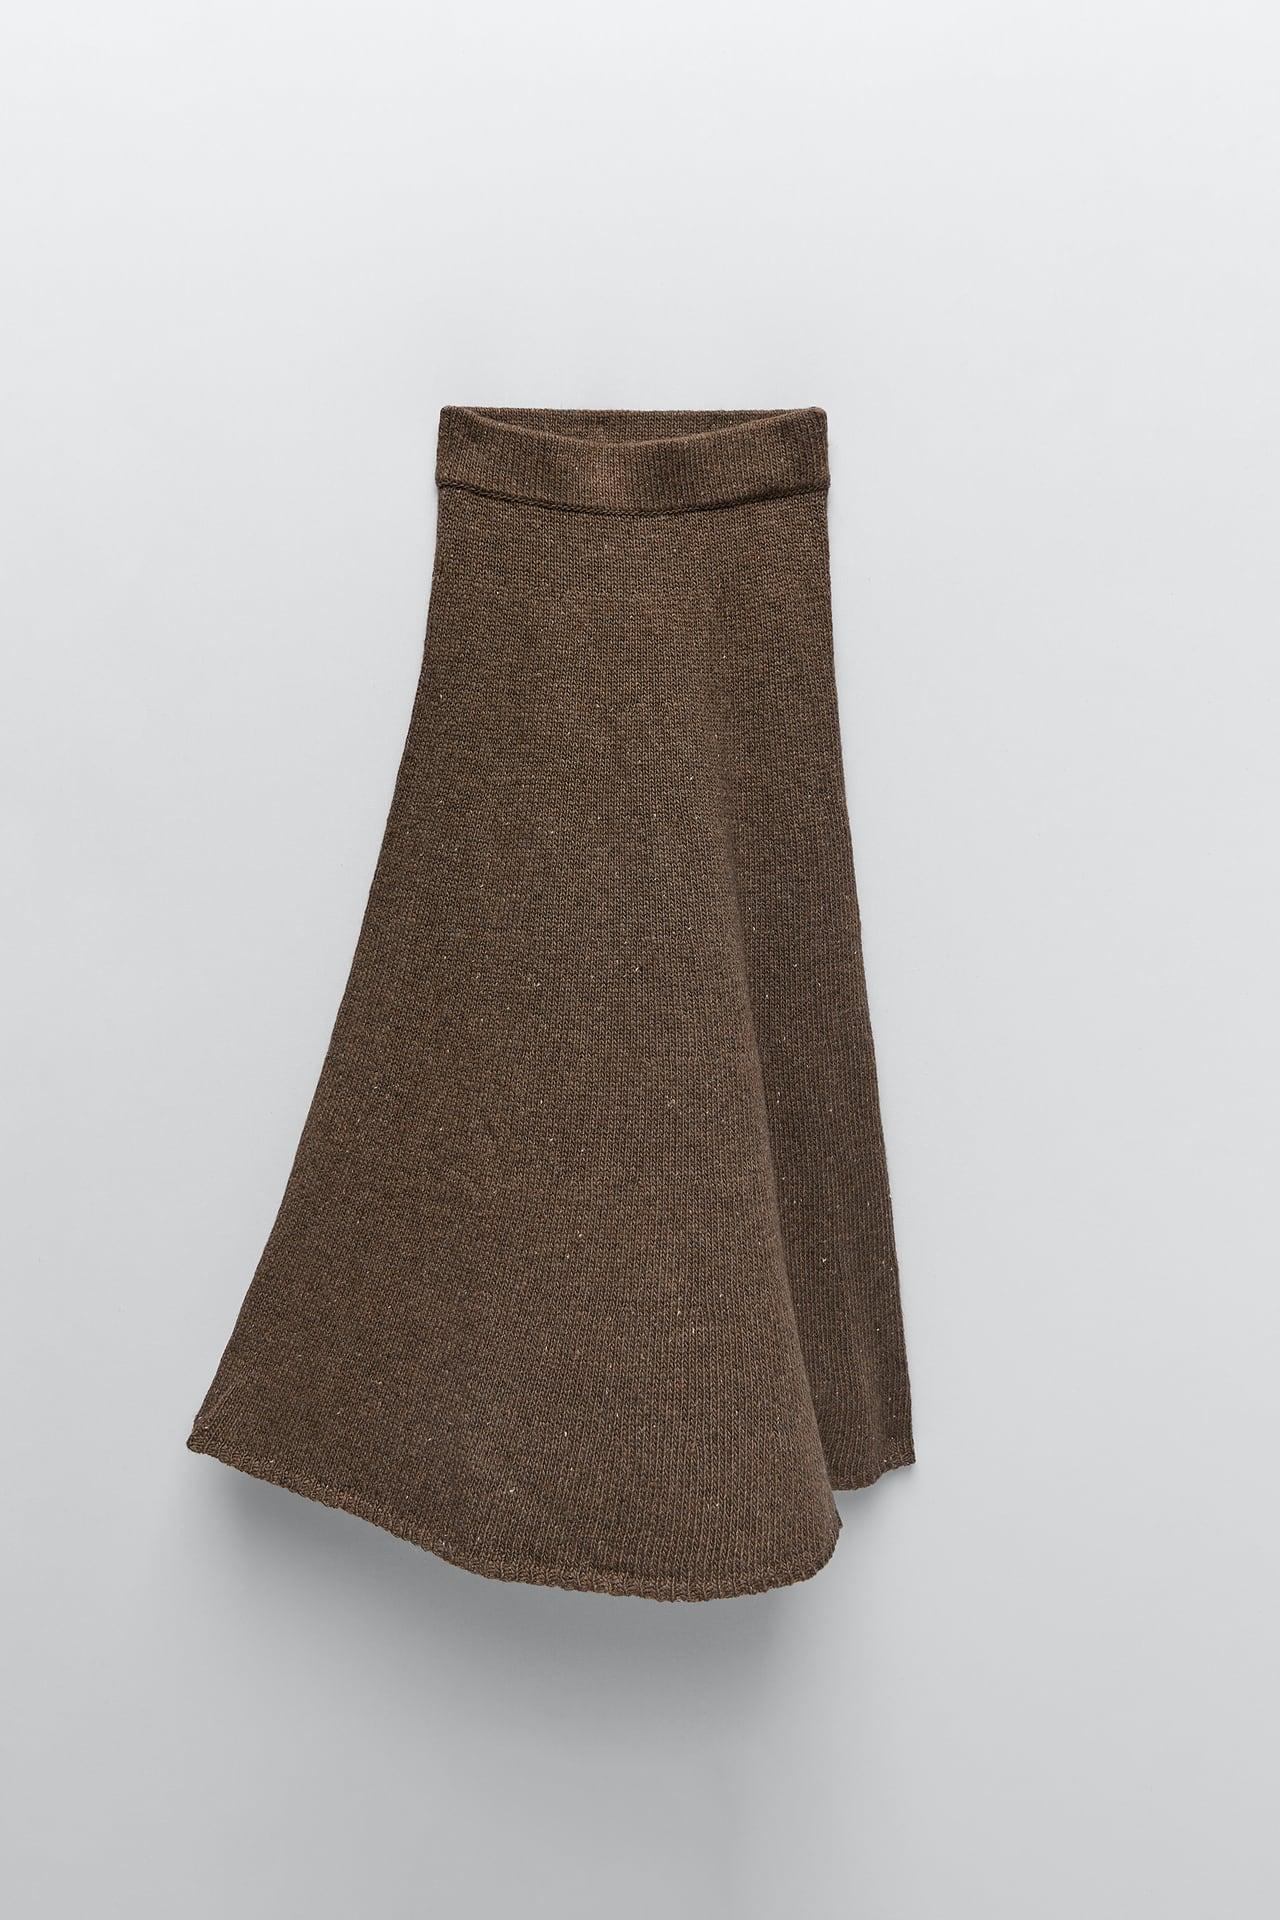 Zara: Sara Carbonero se apunta a la moda de los conjuntos de punto con este chaleco, falda y chaqueta